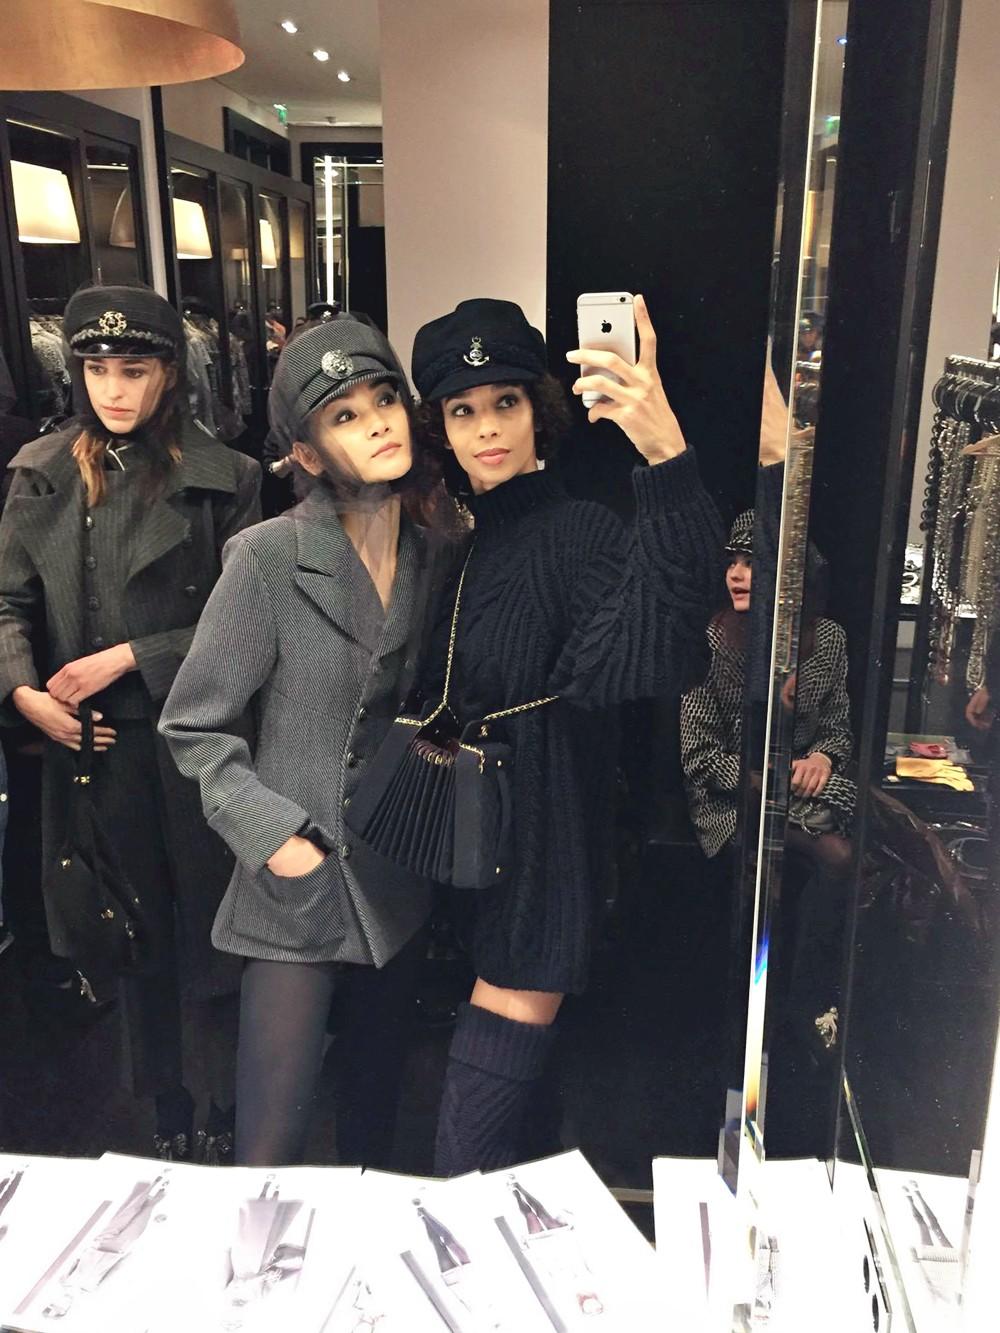 Diễn từ show Chanel đến làm mẫu cho Lancome, Thùy Trang ắt là người mẫu oách nhất năm nay! - Ảnh 2.